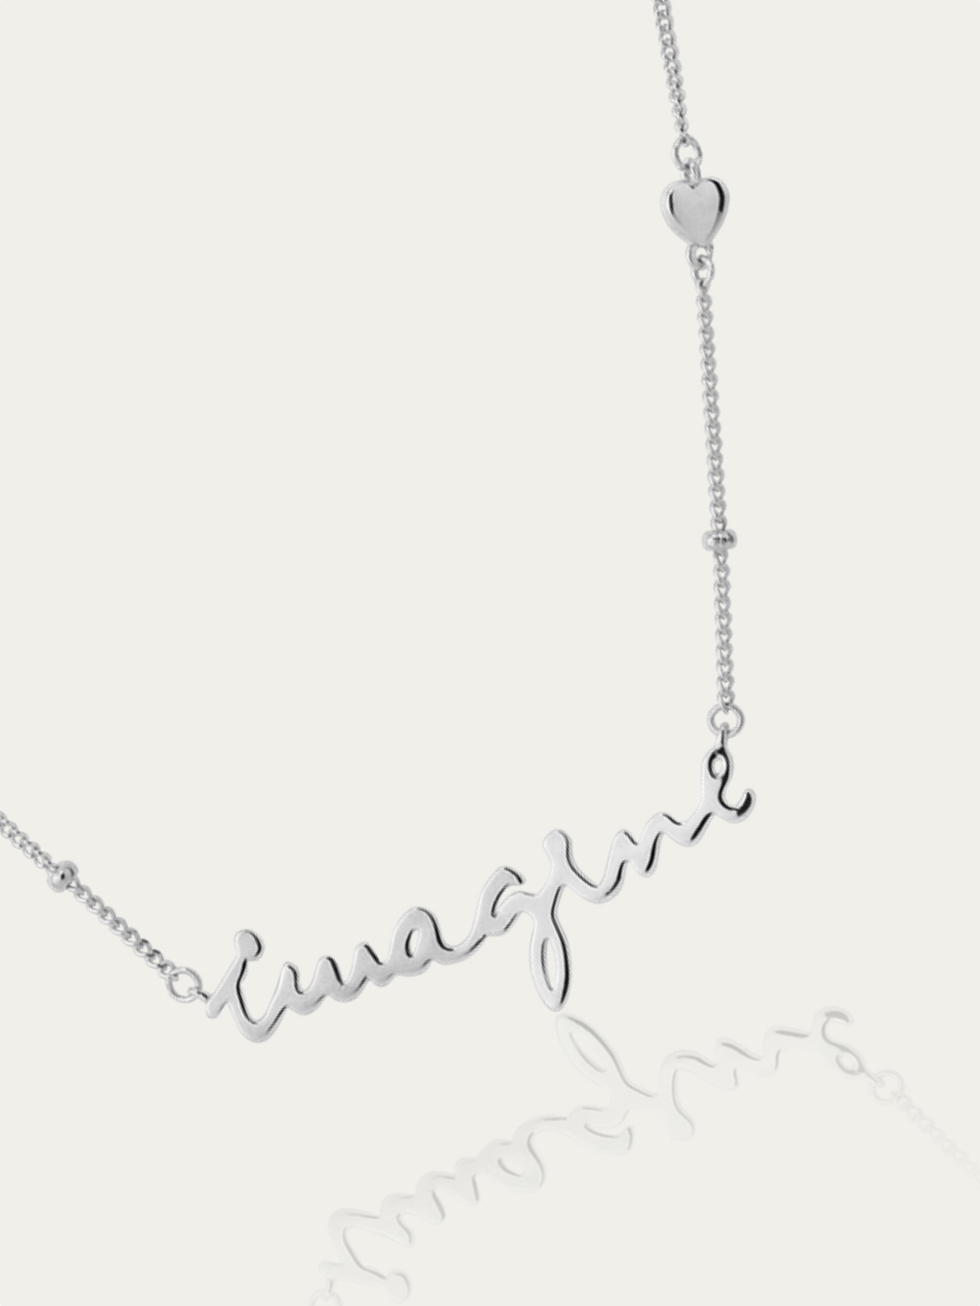 Collar imagine silver3